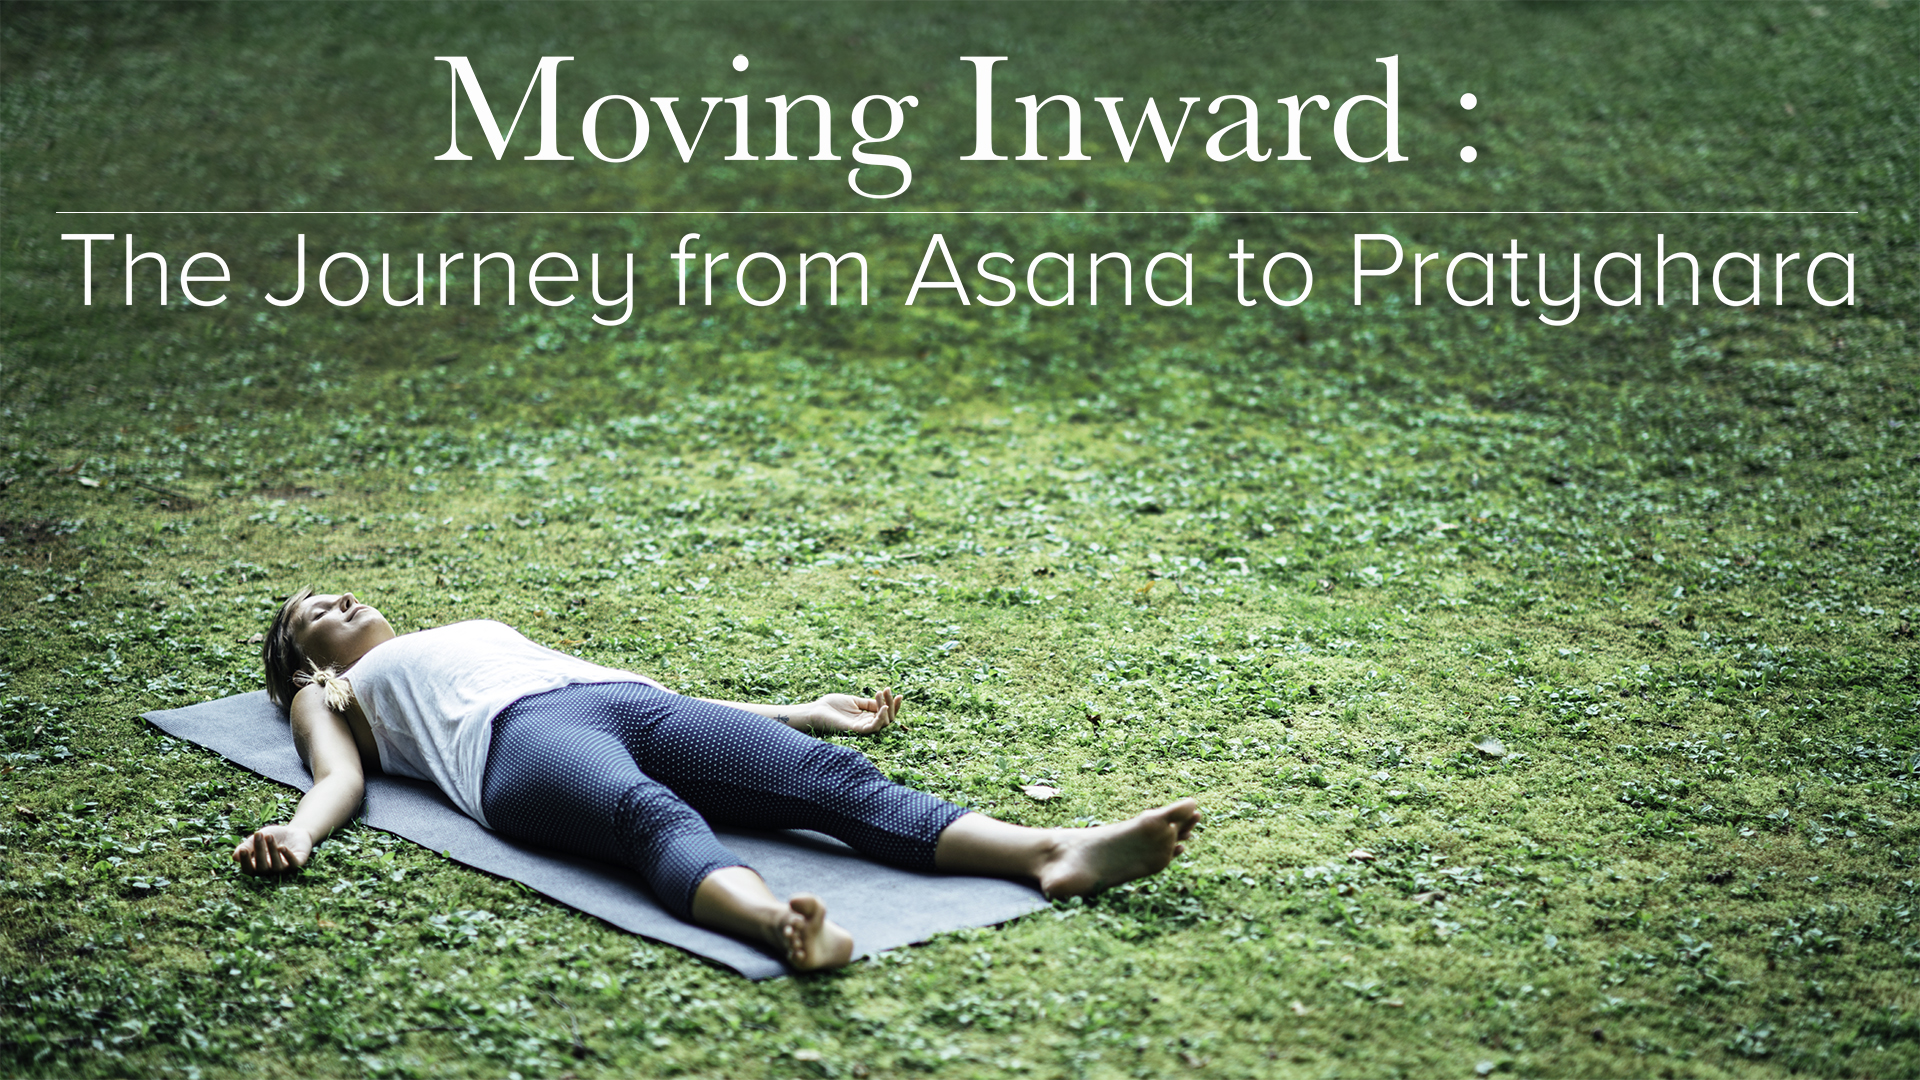 Moving Inward The Journey From Asana To Pratyahara